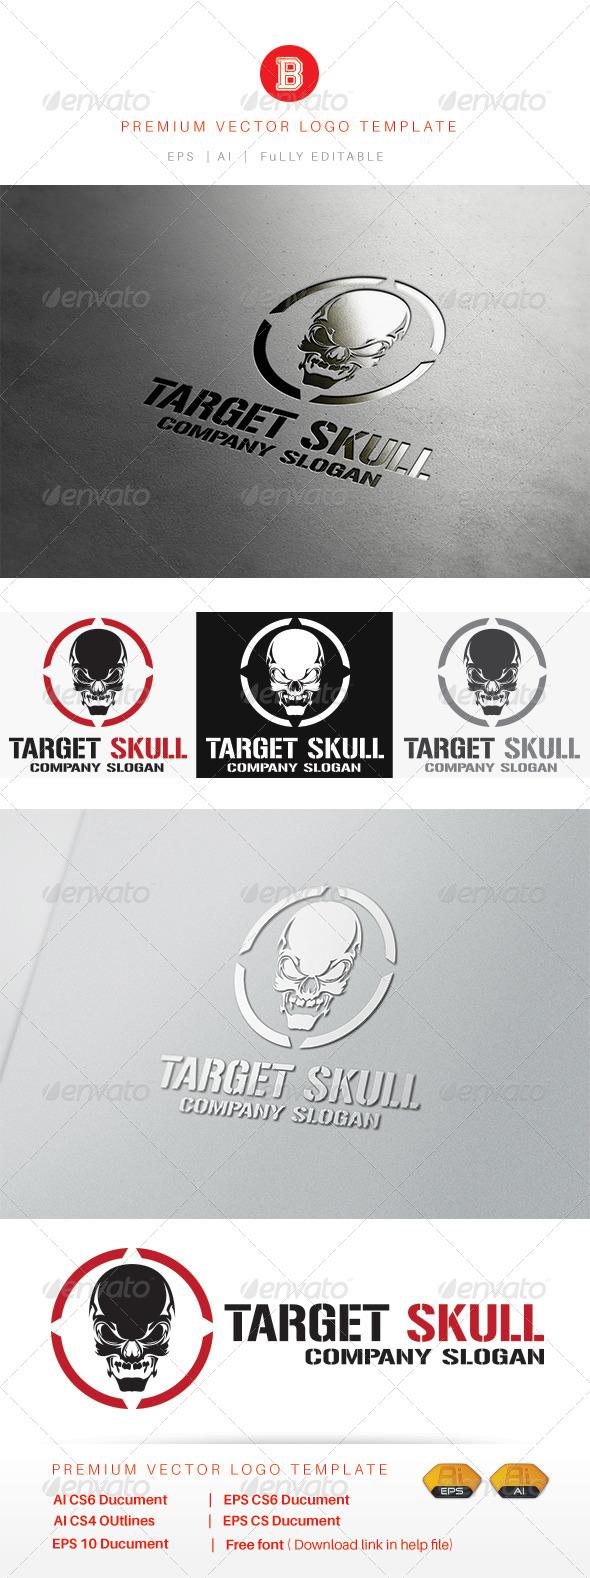 Target Skull